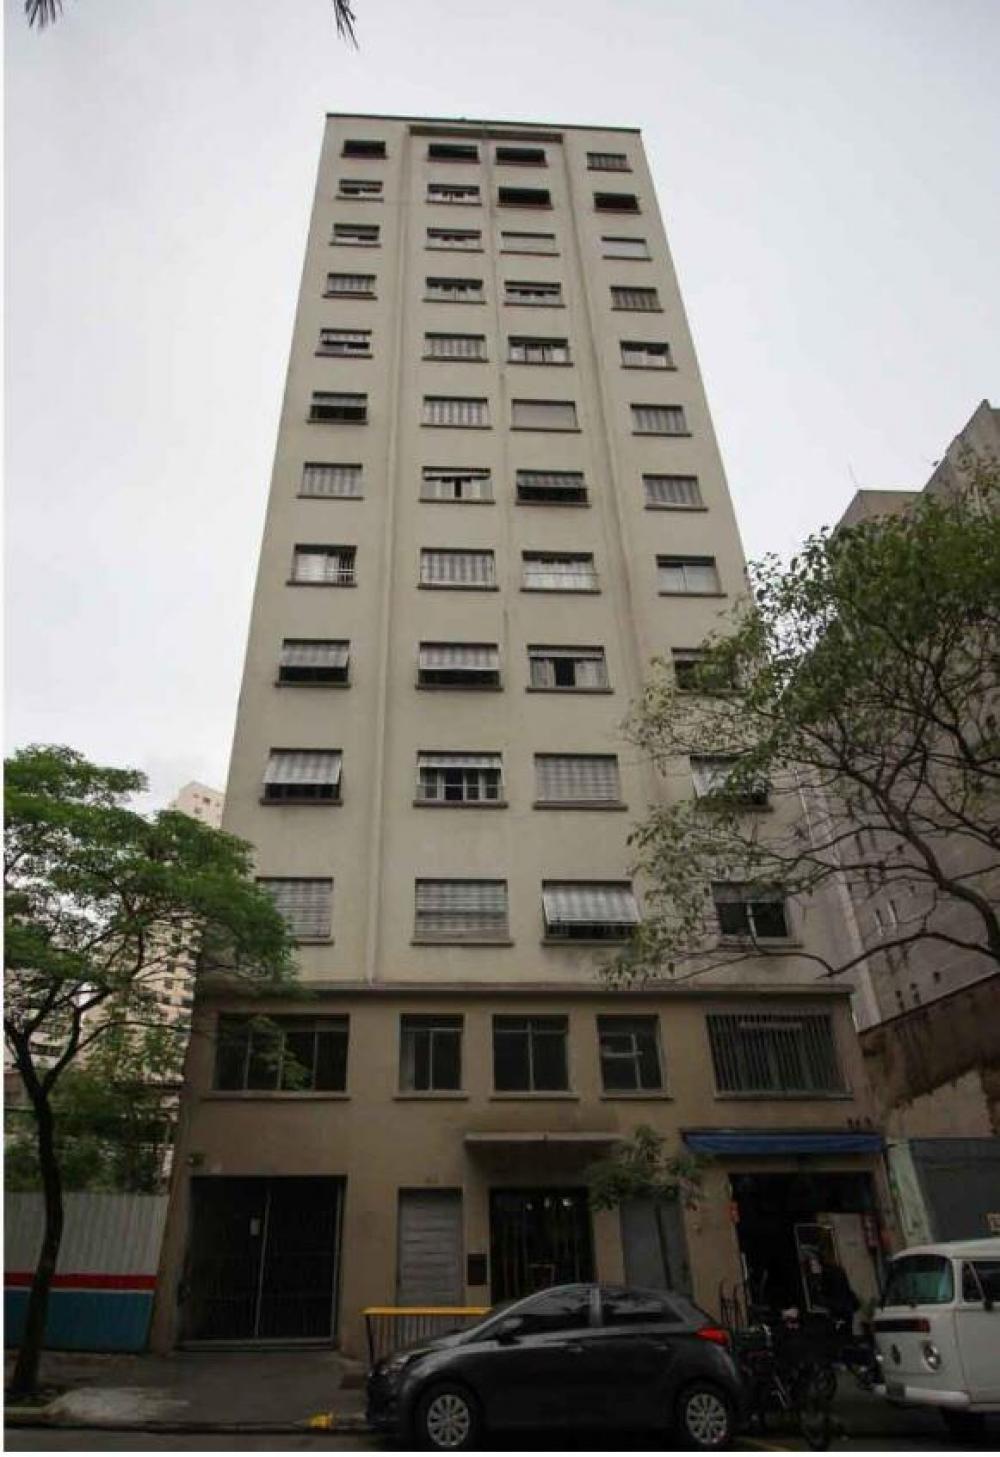 Comprar Apartamento / Padrão em São Paulo R$ 480.000,00 - Foto 2